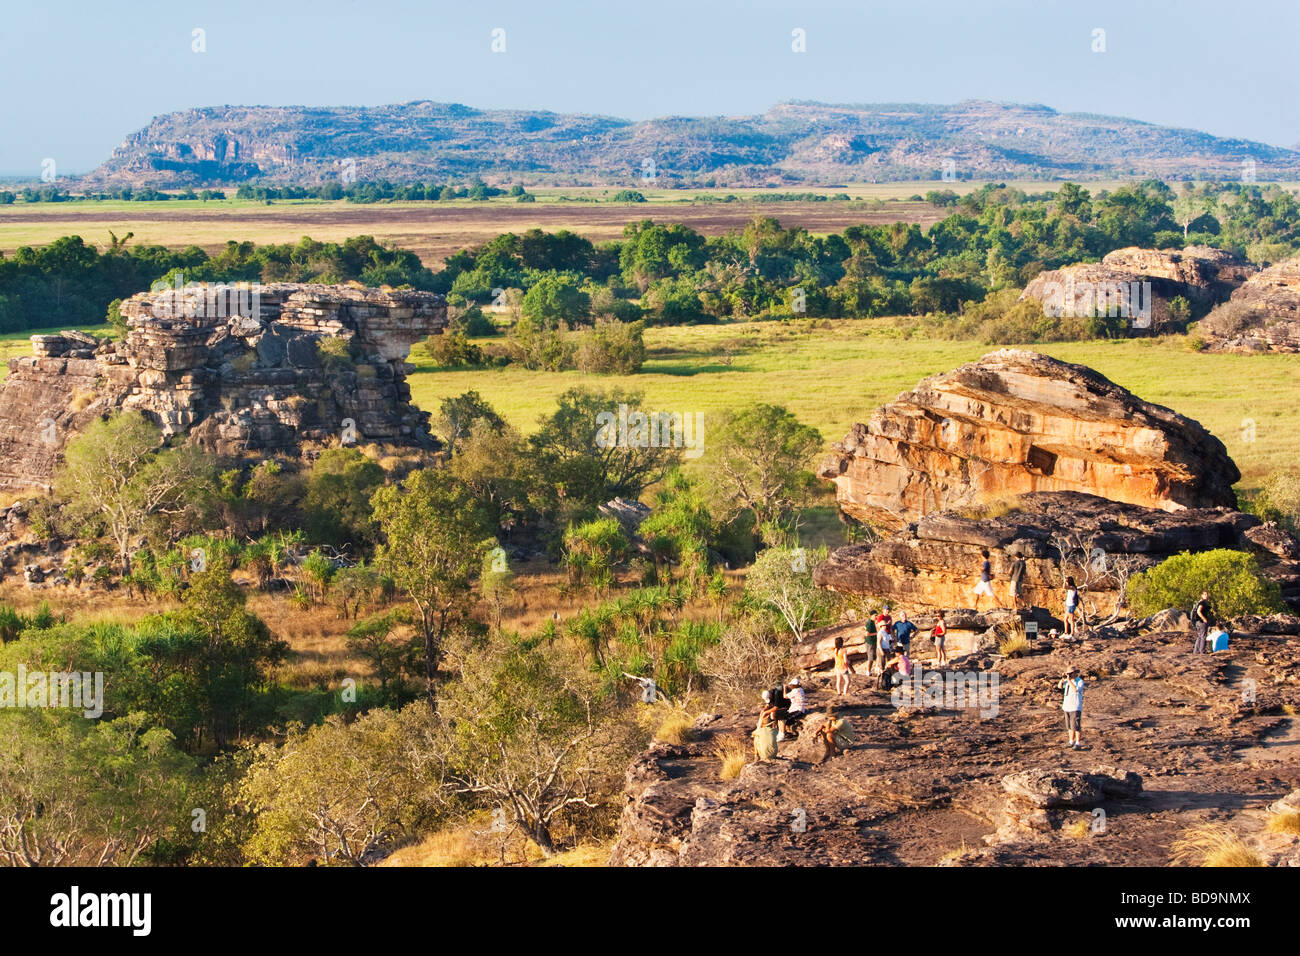 Touristen versammeln sich am Ubirr Rock um den Sonnenuntergang zu beobachten. Kakadu National Park Stockbild